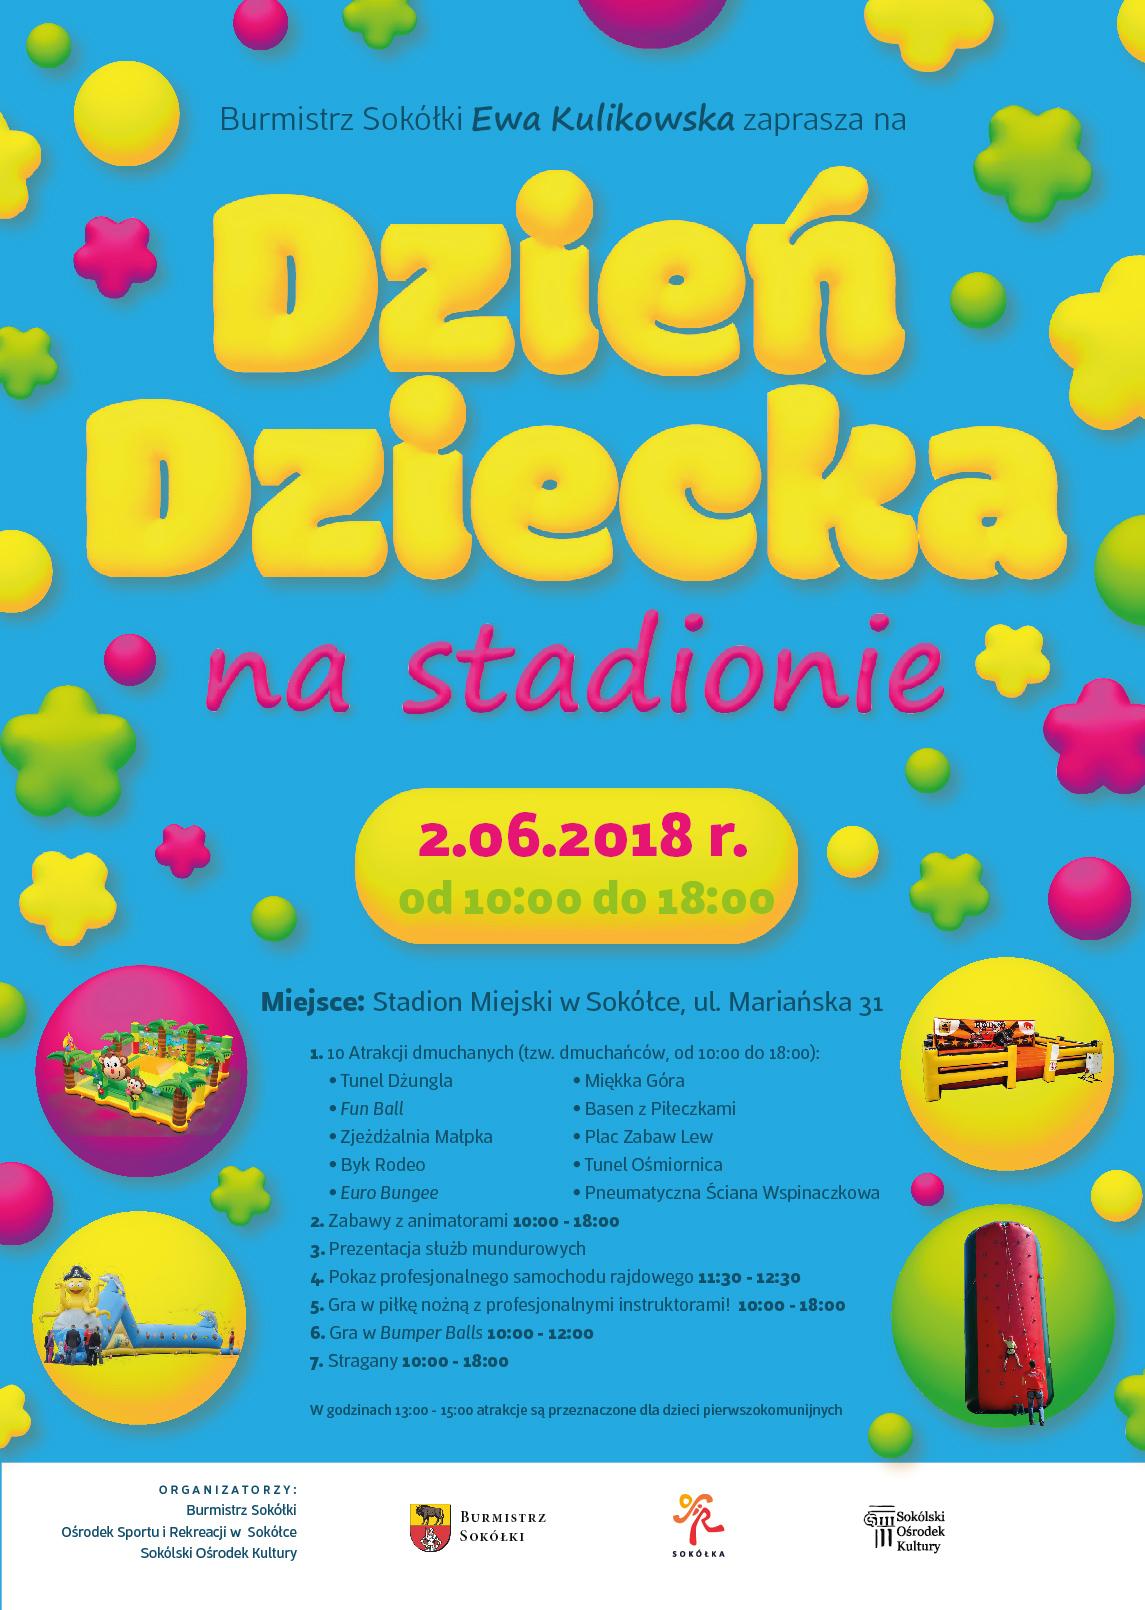 Dzień Dziecka w Sokółce